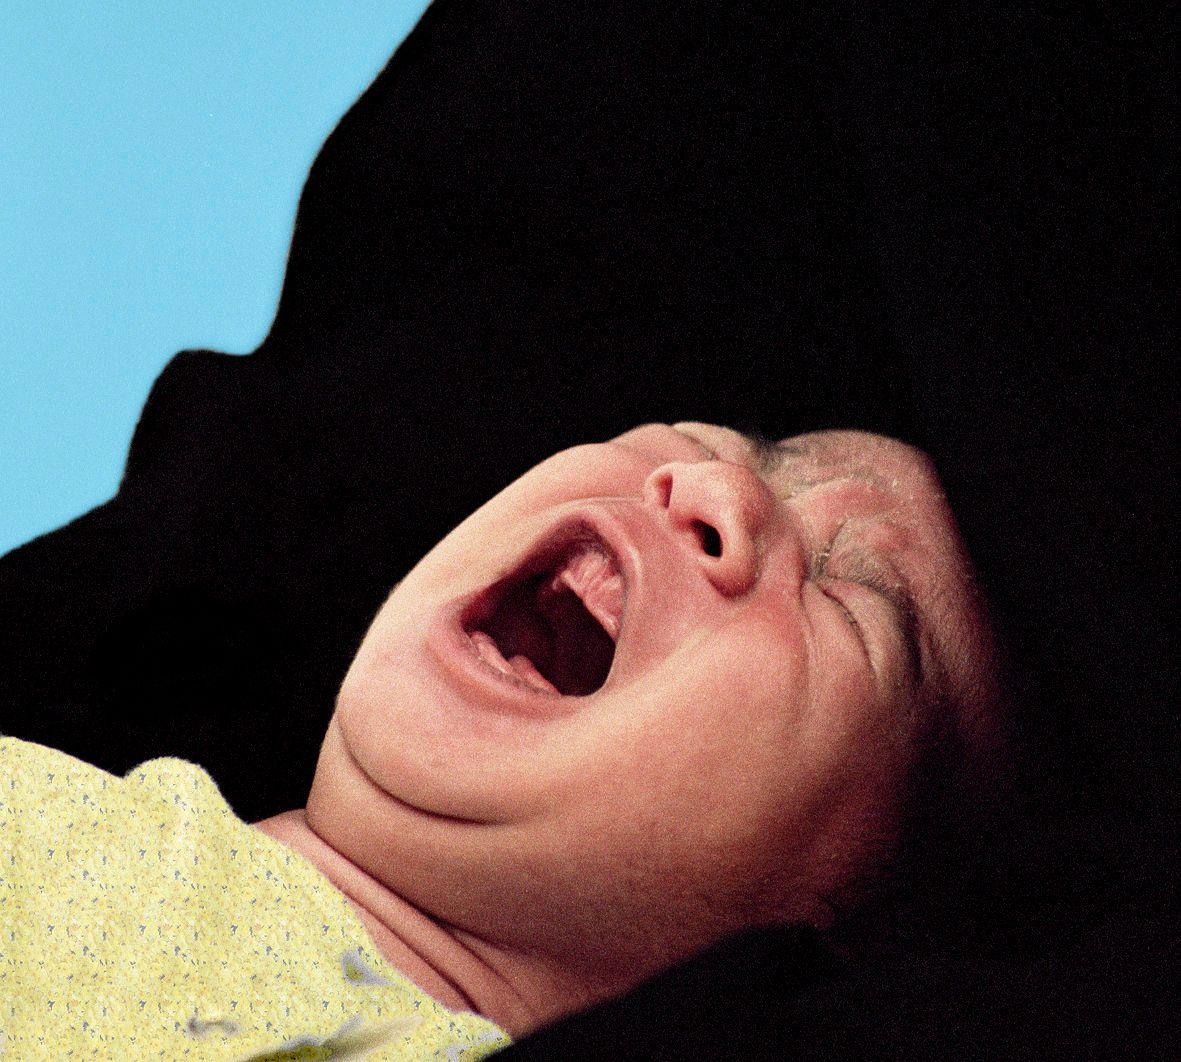 1circumcision_flat